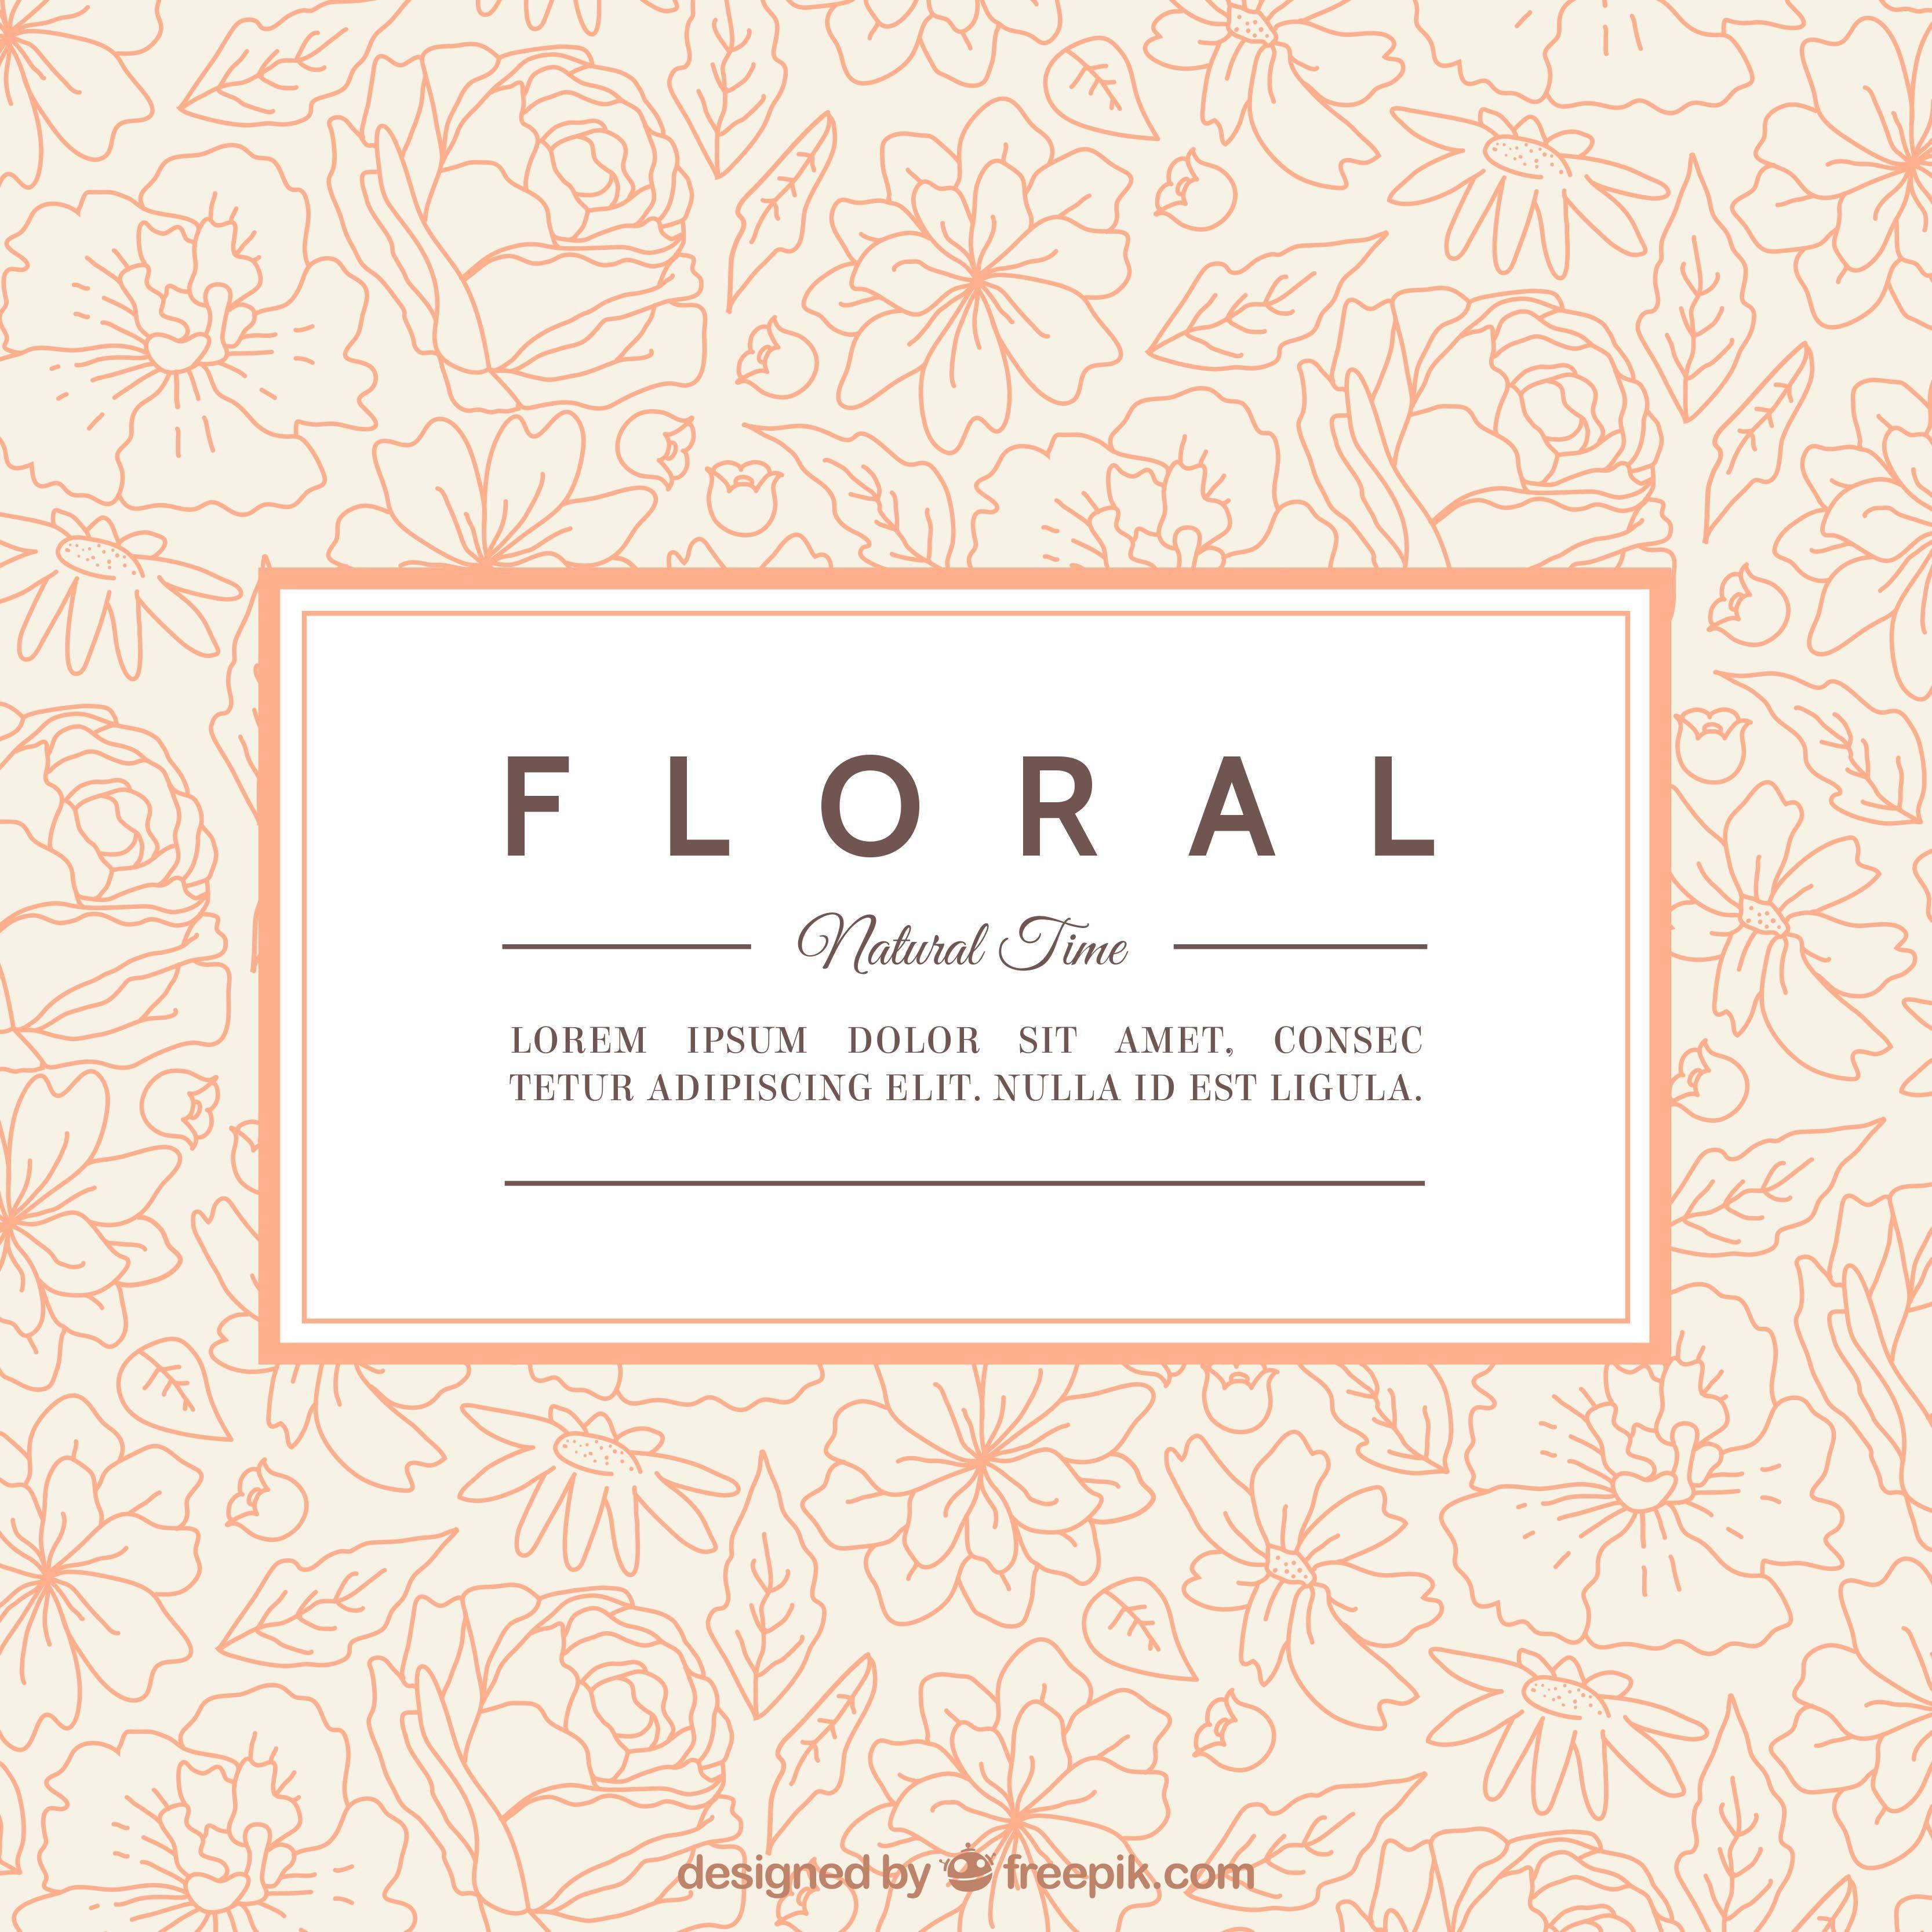 Banque Images Vectorielles Modles De Cartes Visite Tlchargement Gratuit Vector Modle Vectoriel Motifs Floraux